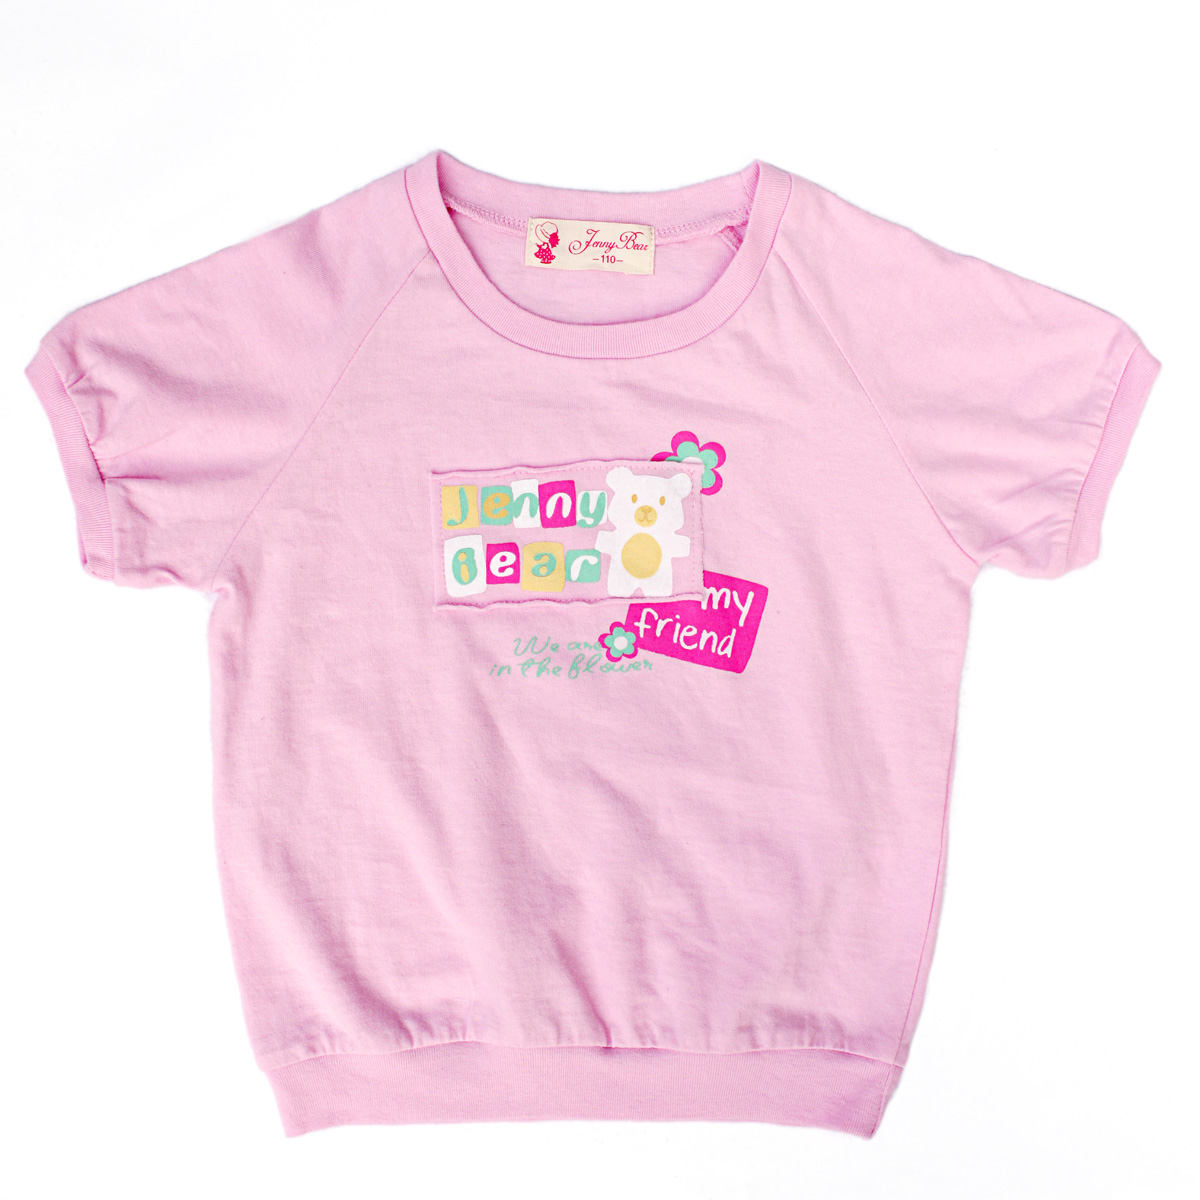 детский костюм Jenny Bear js111713 Для отдыха Хлопок (95 и выше) Весна-осень % Девушки